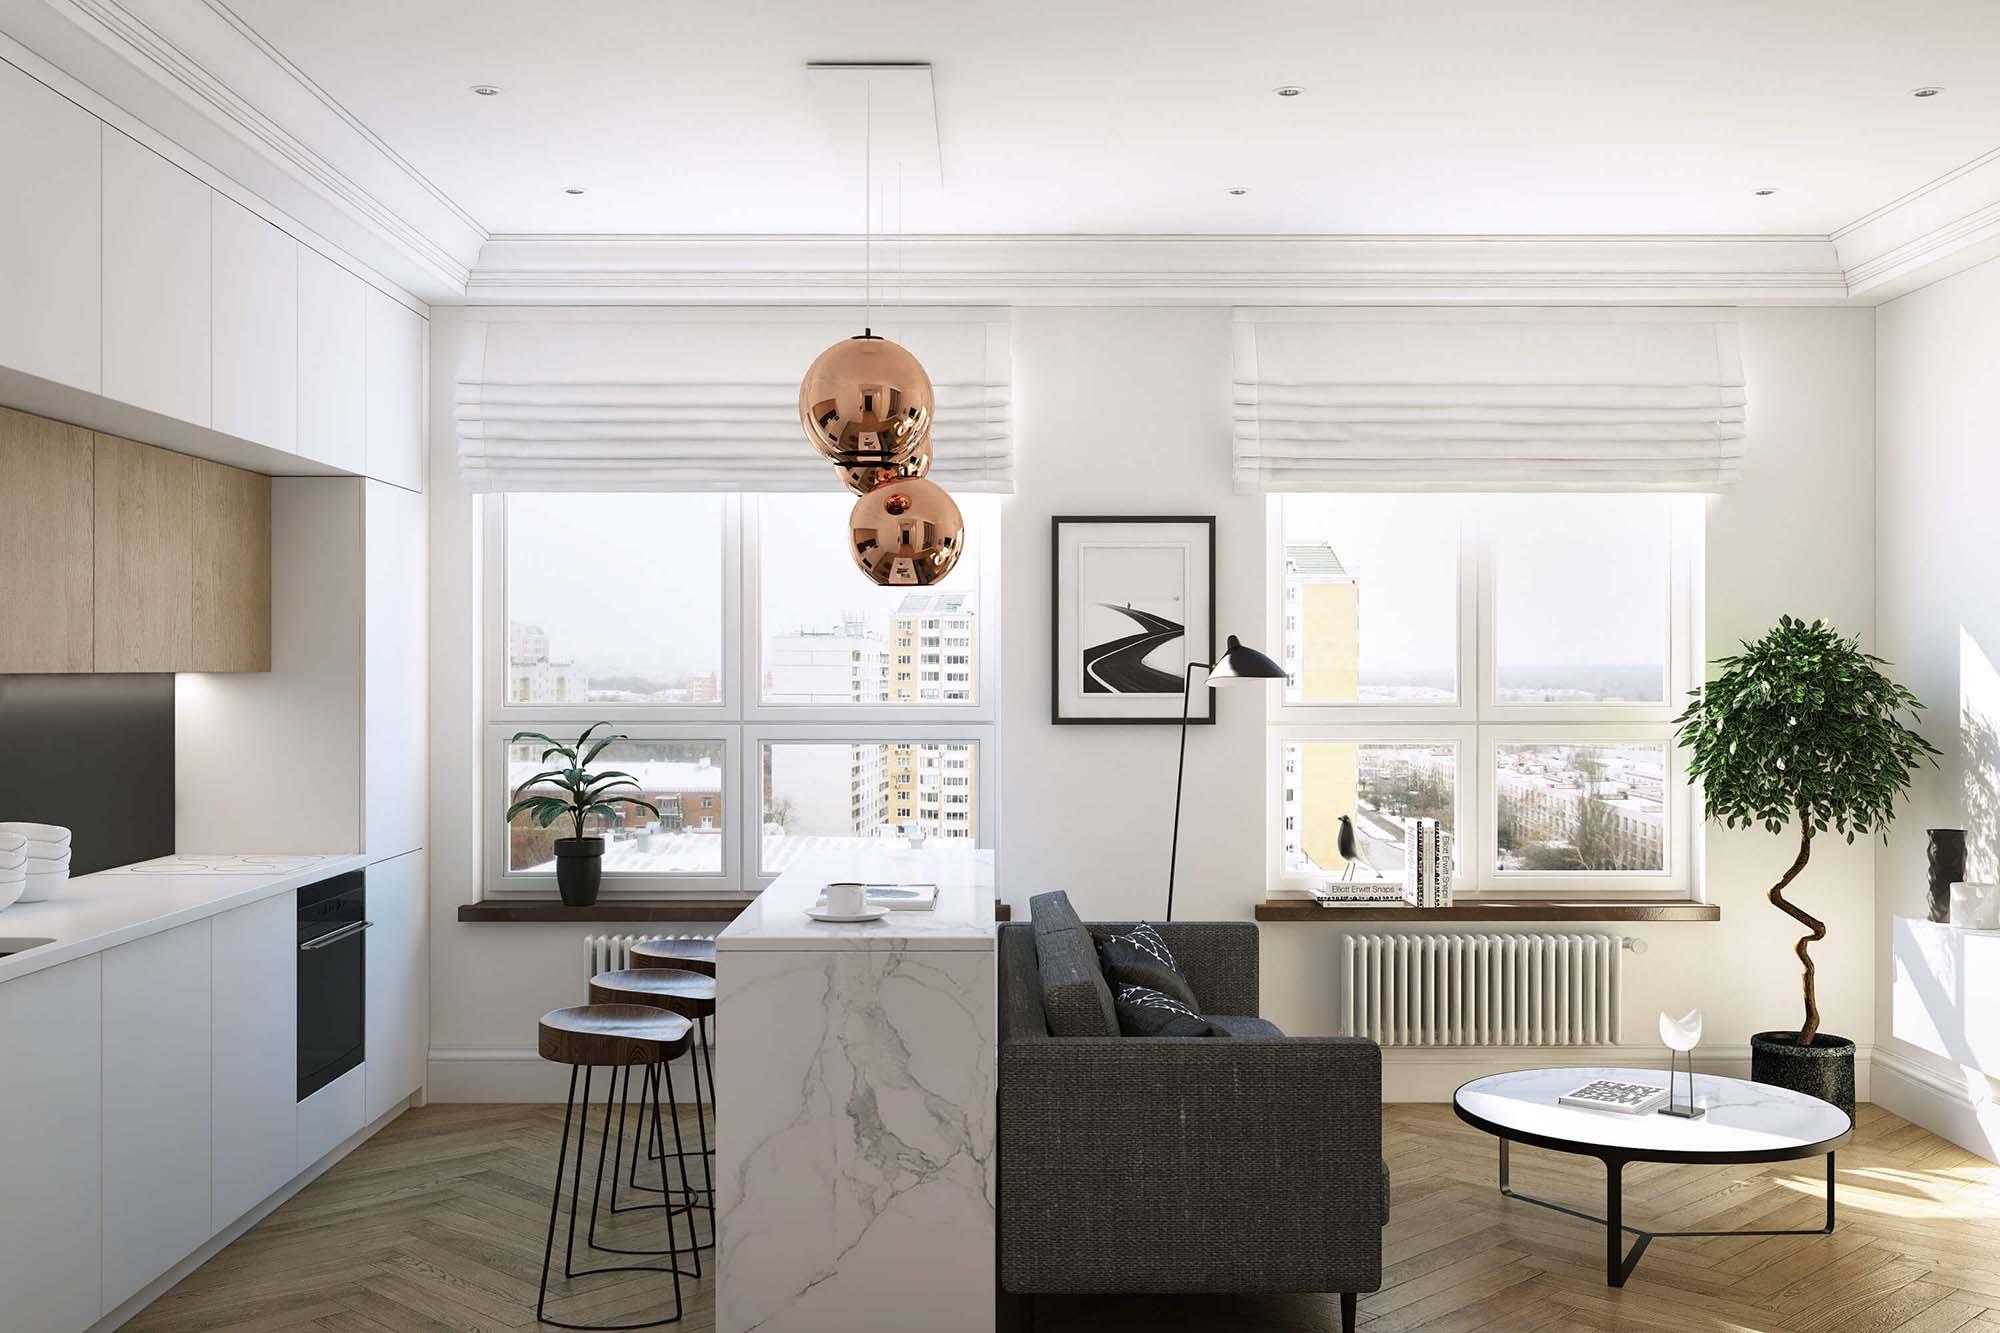 Маленькое пространство квартиры в эко-стиле